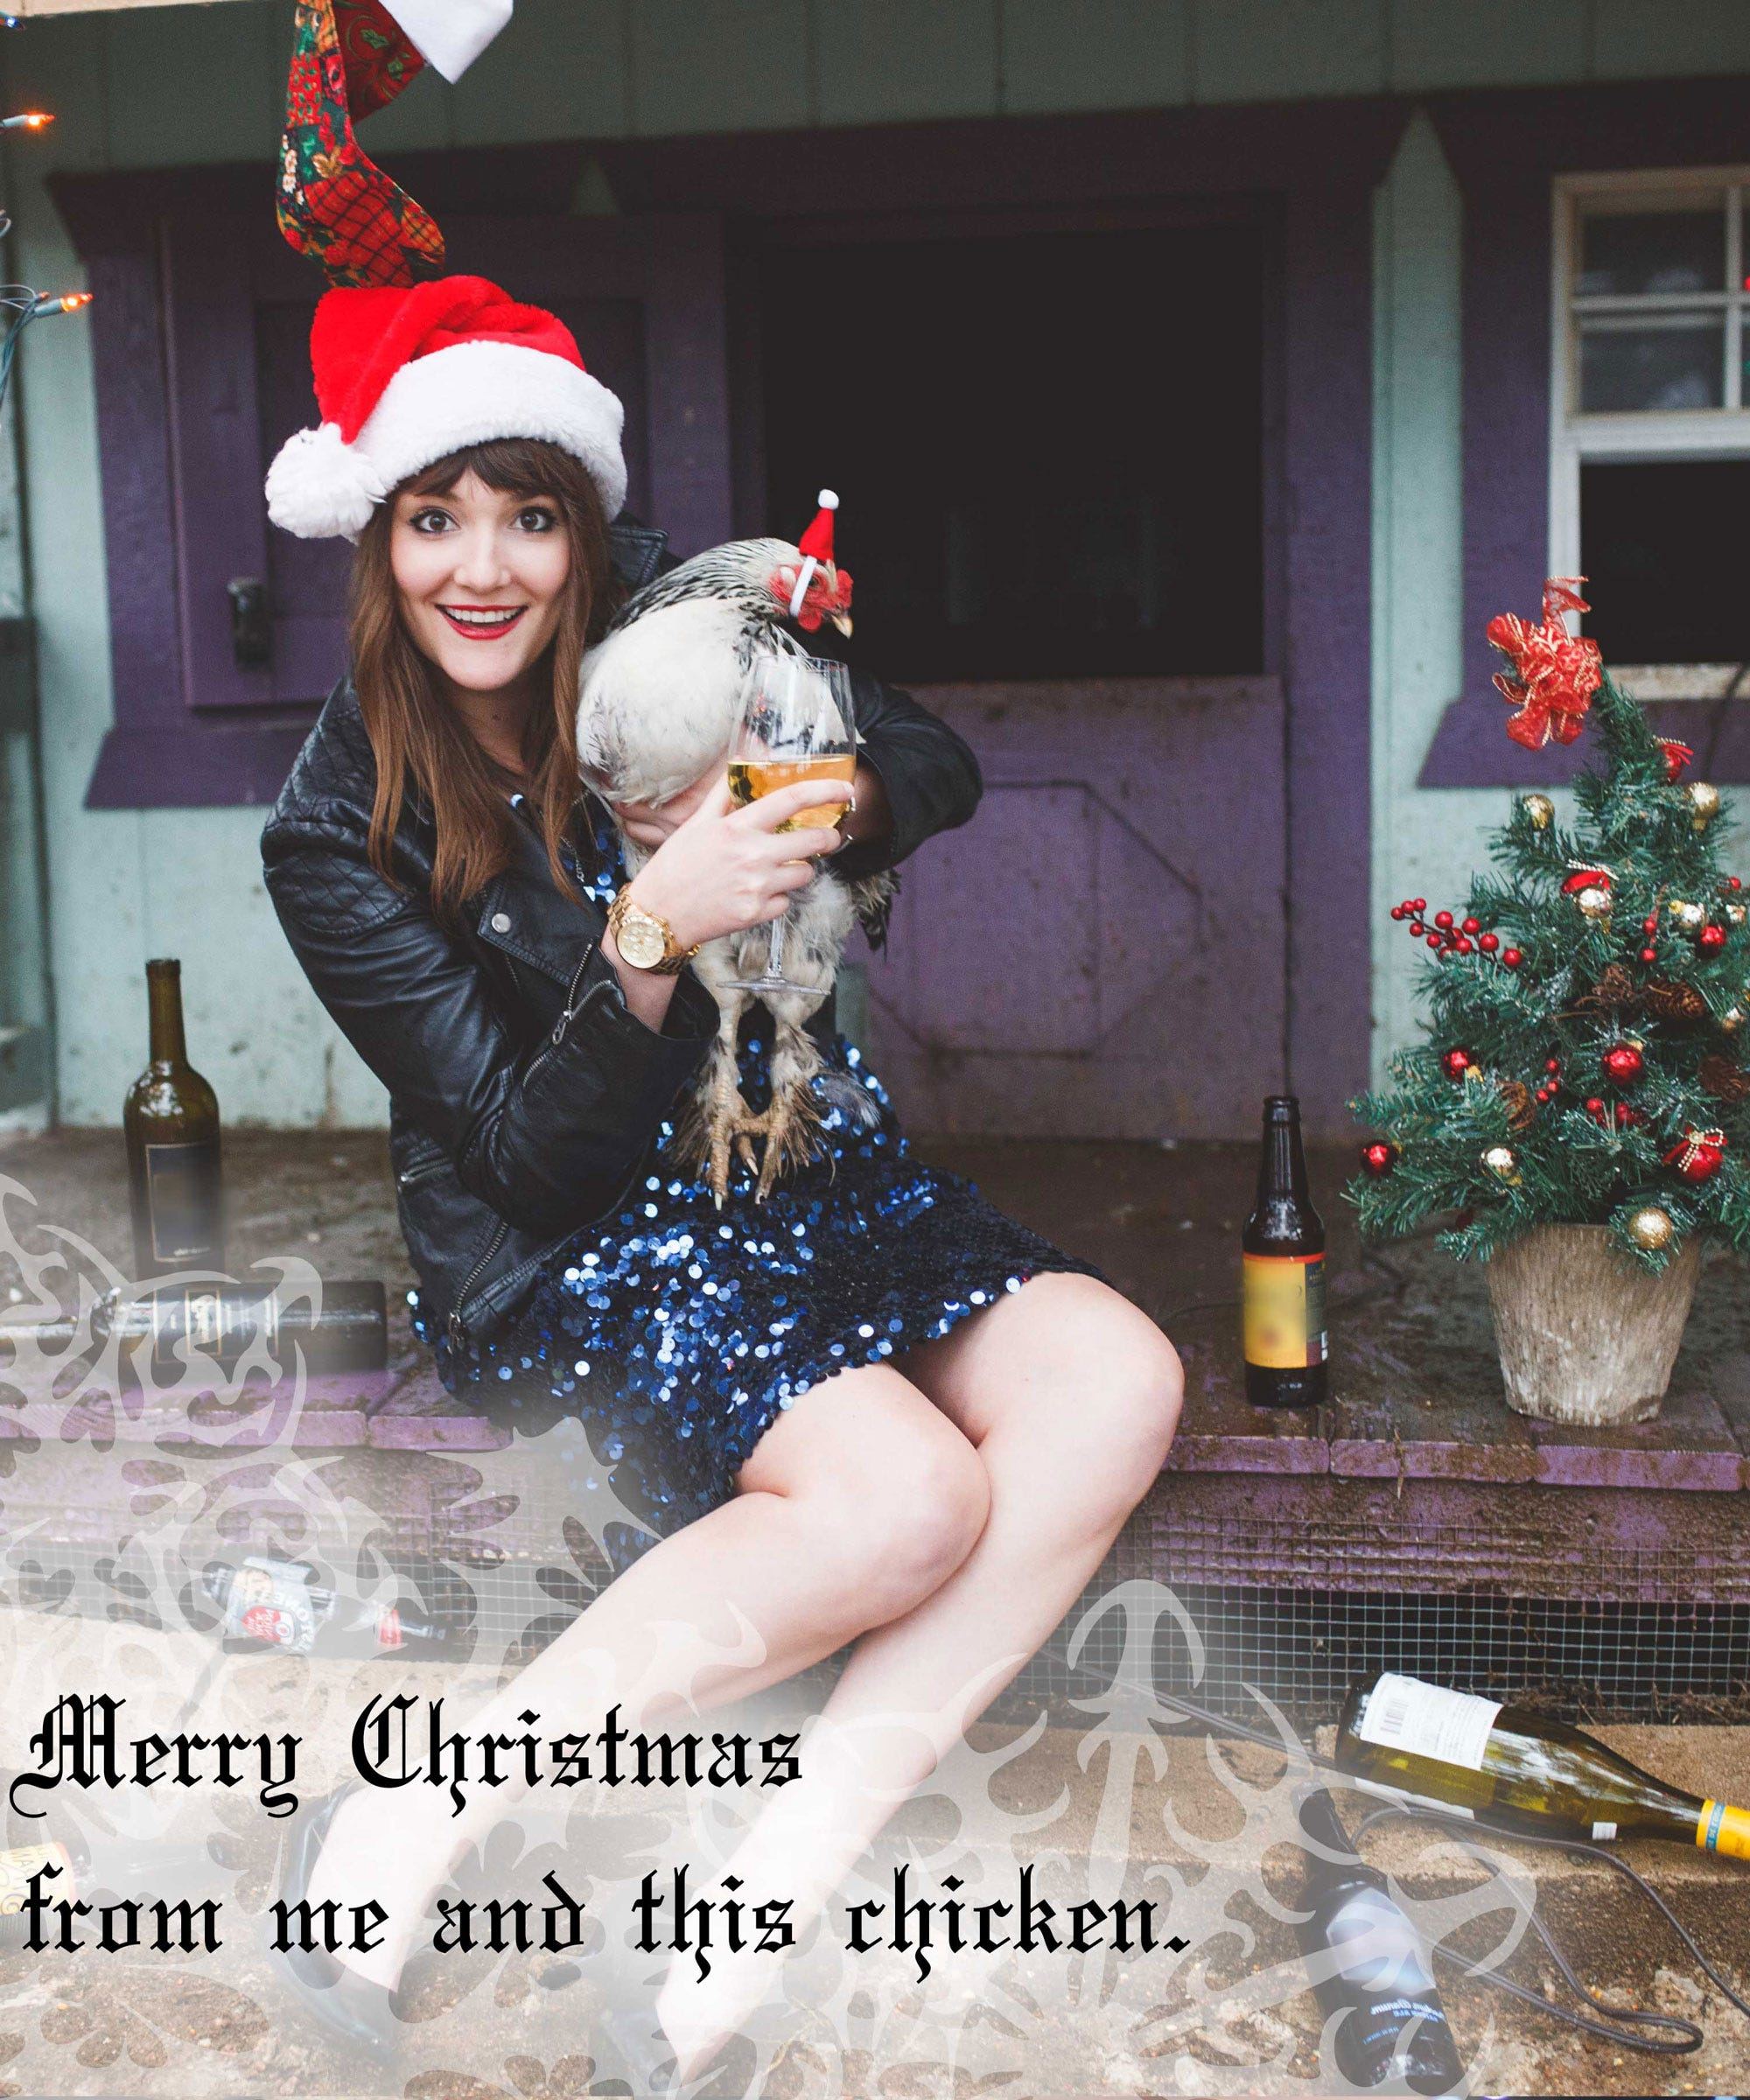 ChristmasMain